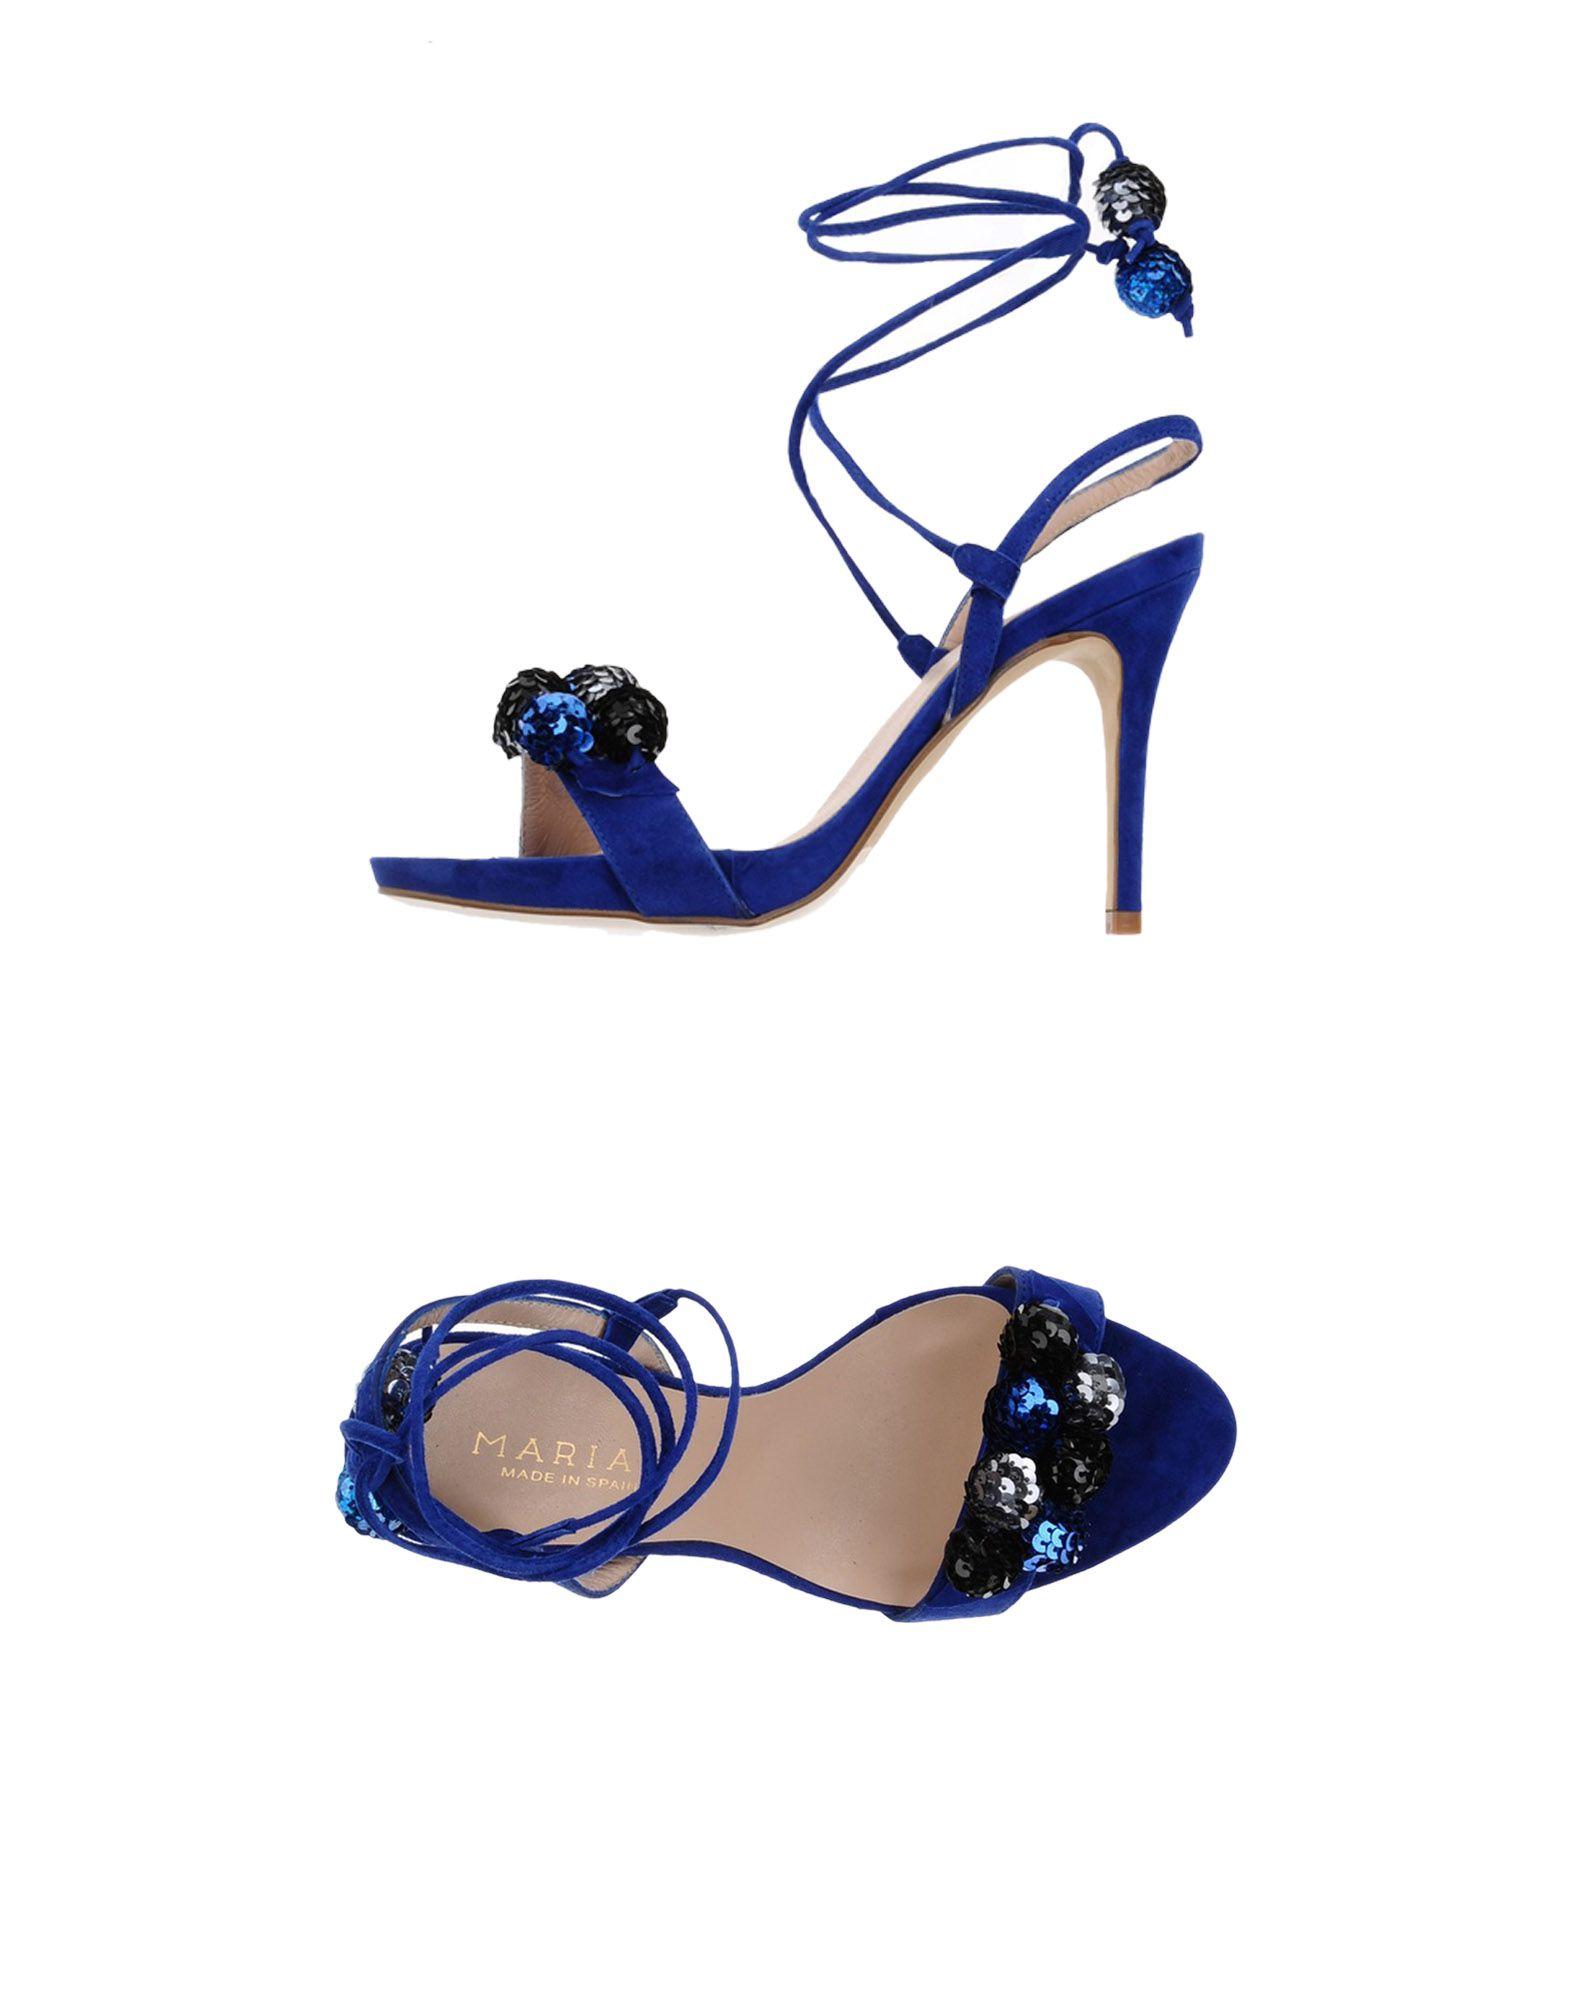 Marian Sandalen Damen  11378196SV 11378196SV 11378196SV Gute Qualität beliebte Schuhe 038d94